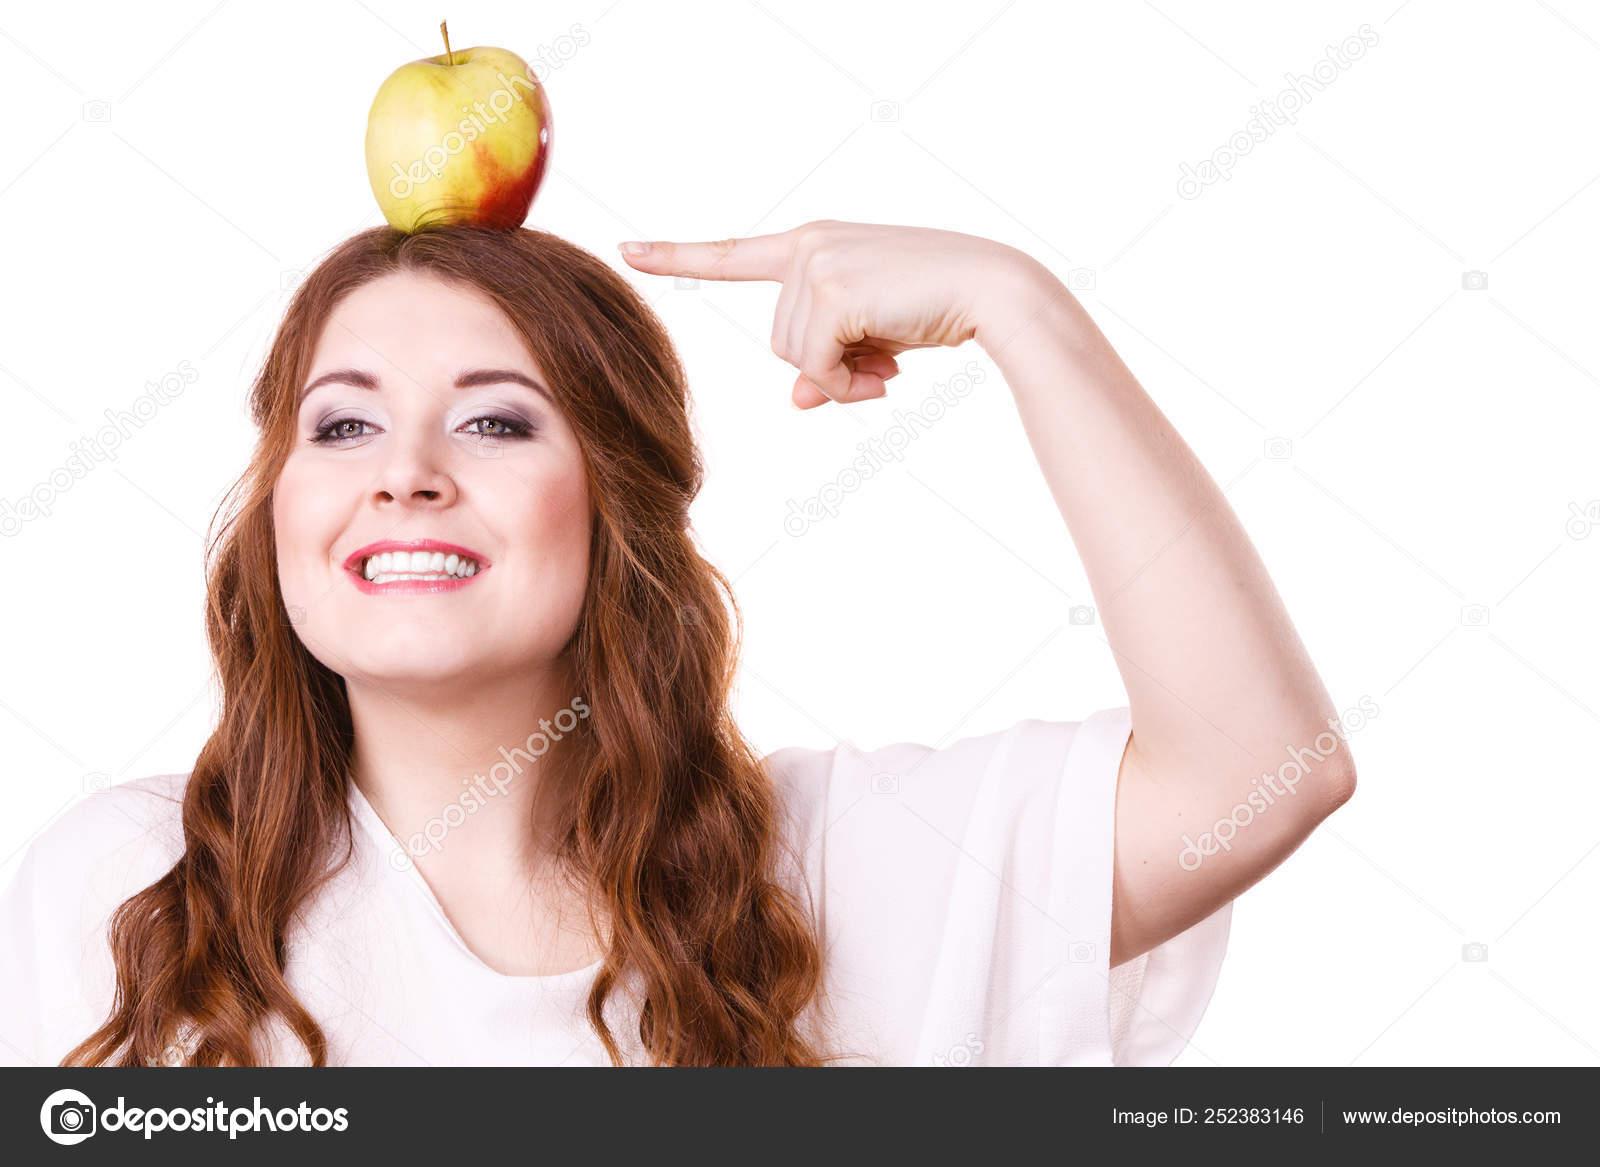 яблоко на голове картинки этом